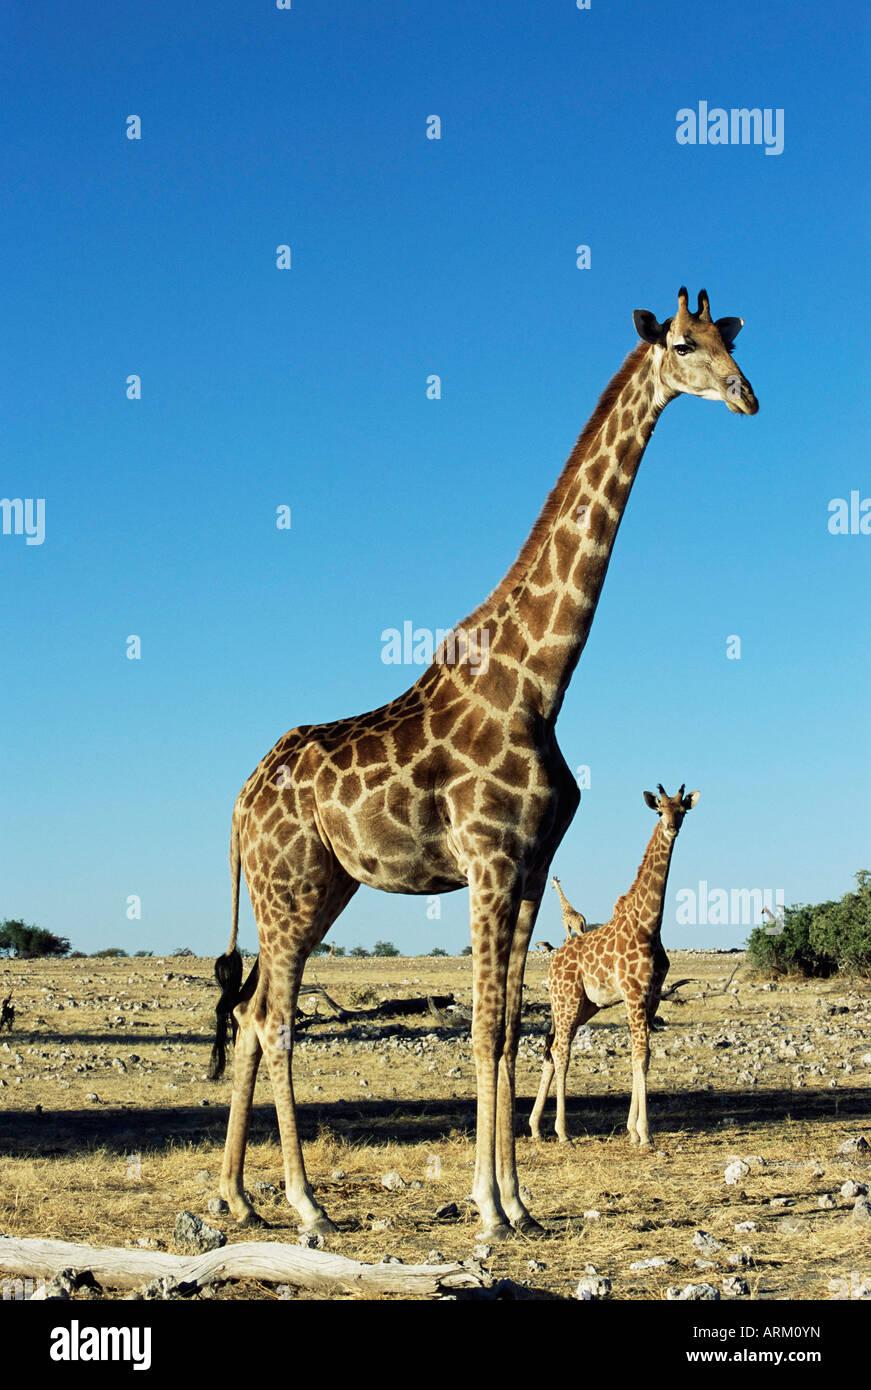 La giraffa, Giraffa camelopardalis, il Parco Nazionale di Etosha, Namibia, Africa Immagini Stock